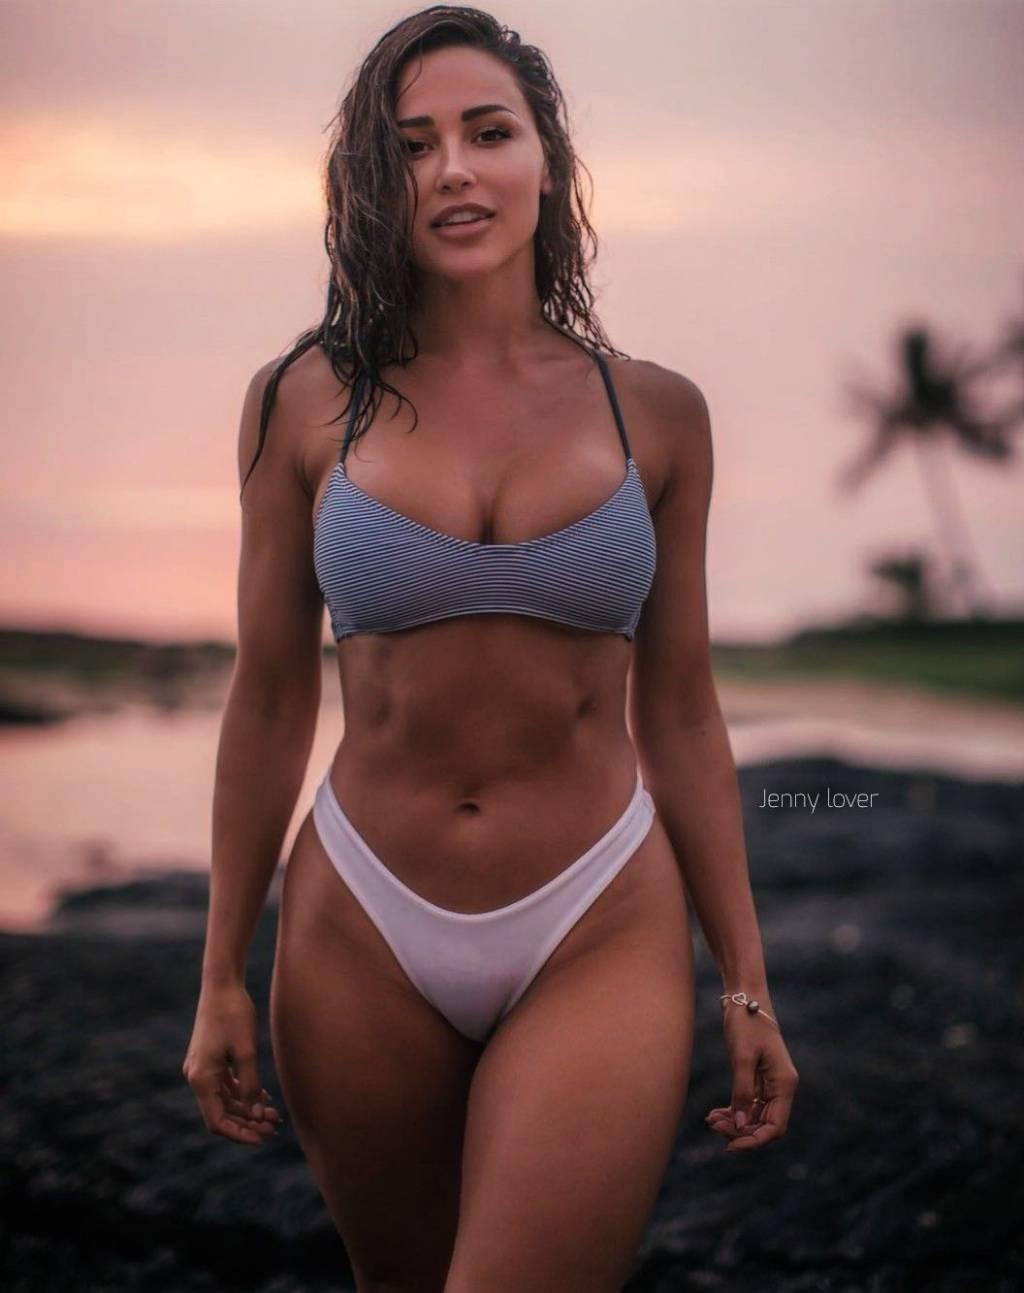 Jenny Lover Nude Photos 30